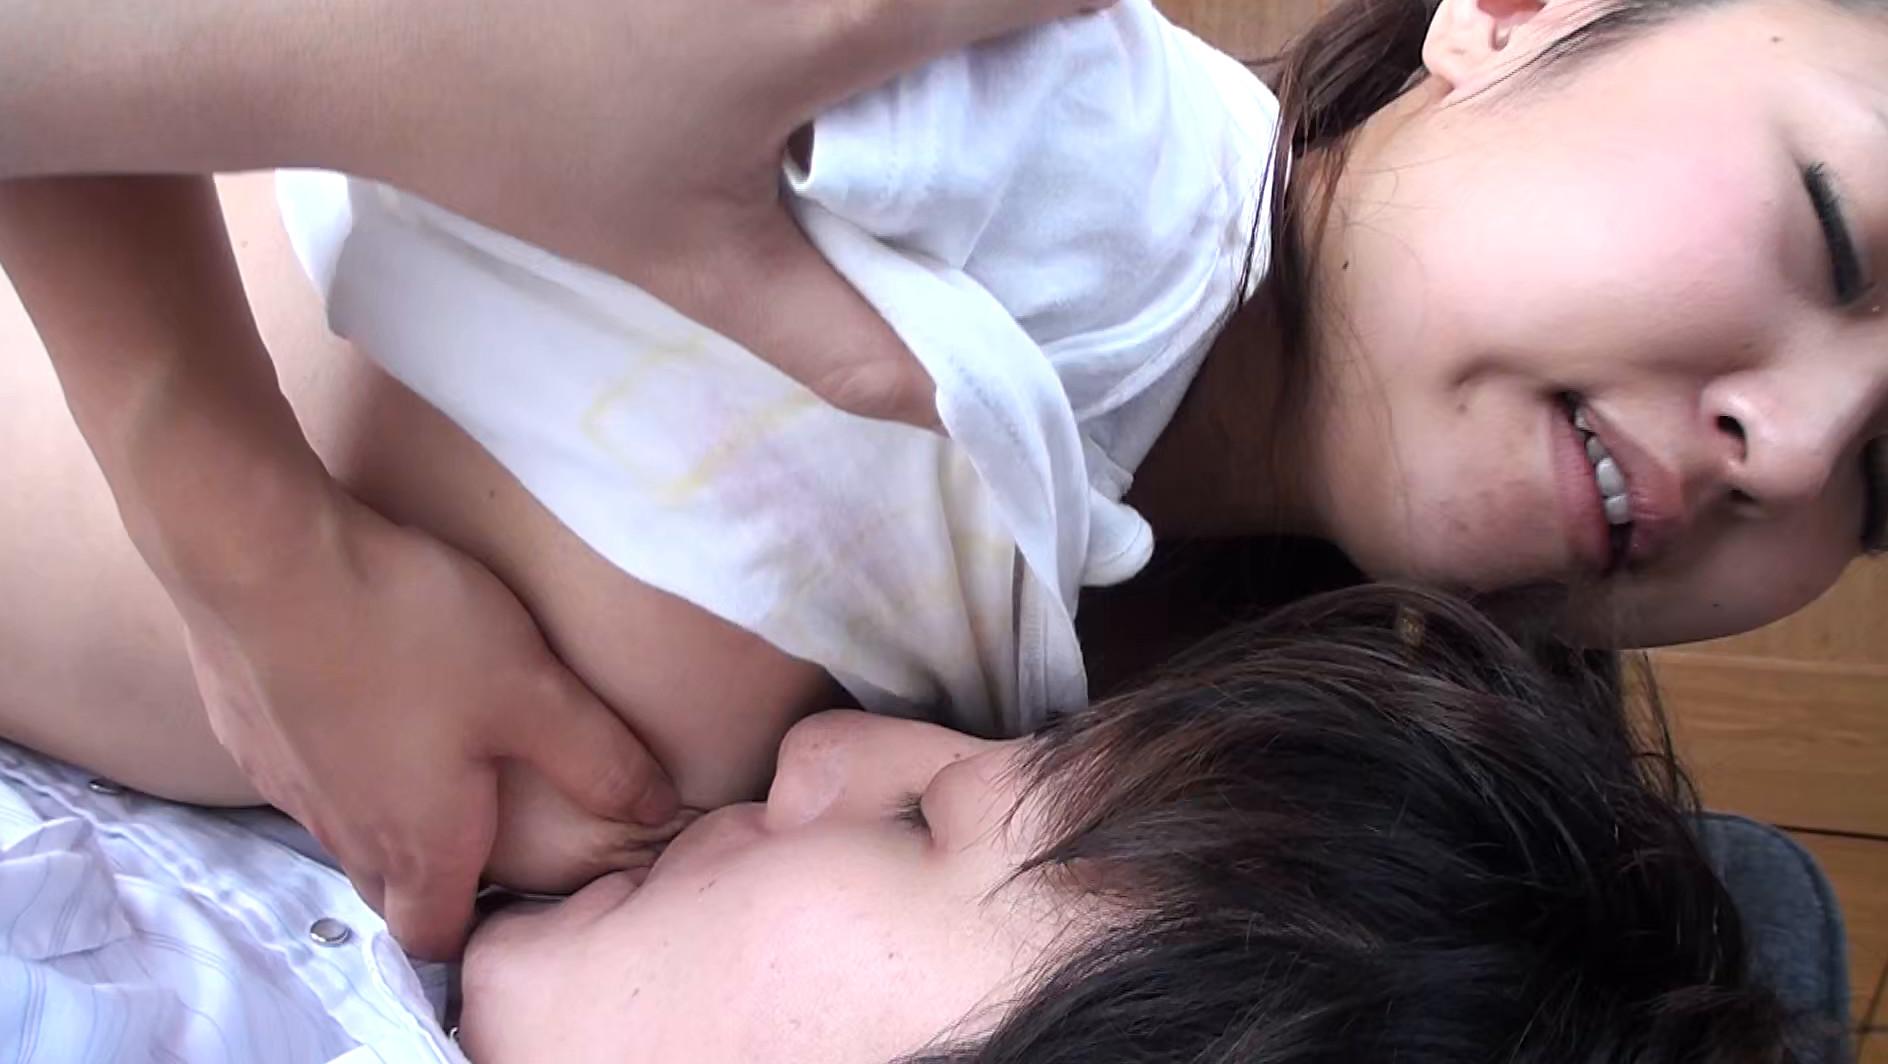 エッチな目覚まし。寝起きの兄を襲っちゃえ! アイ 画像10